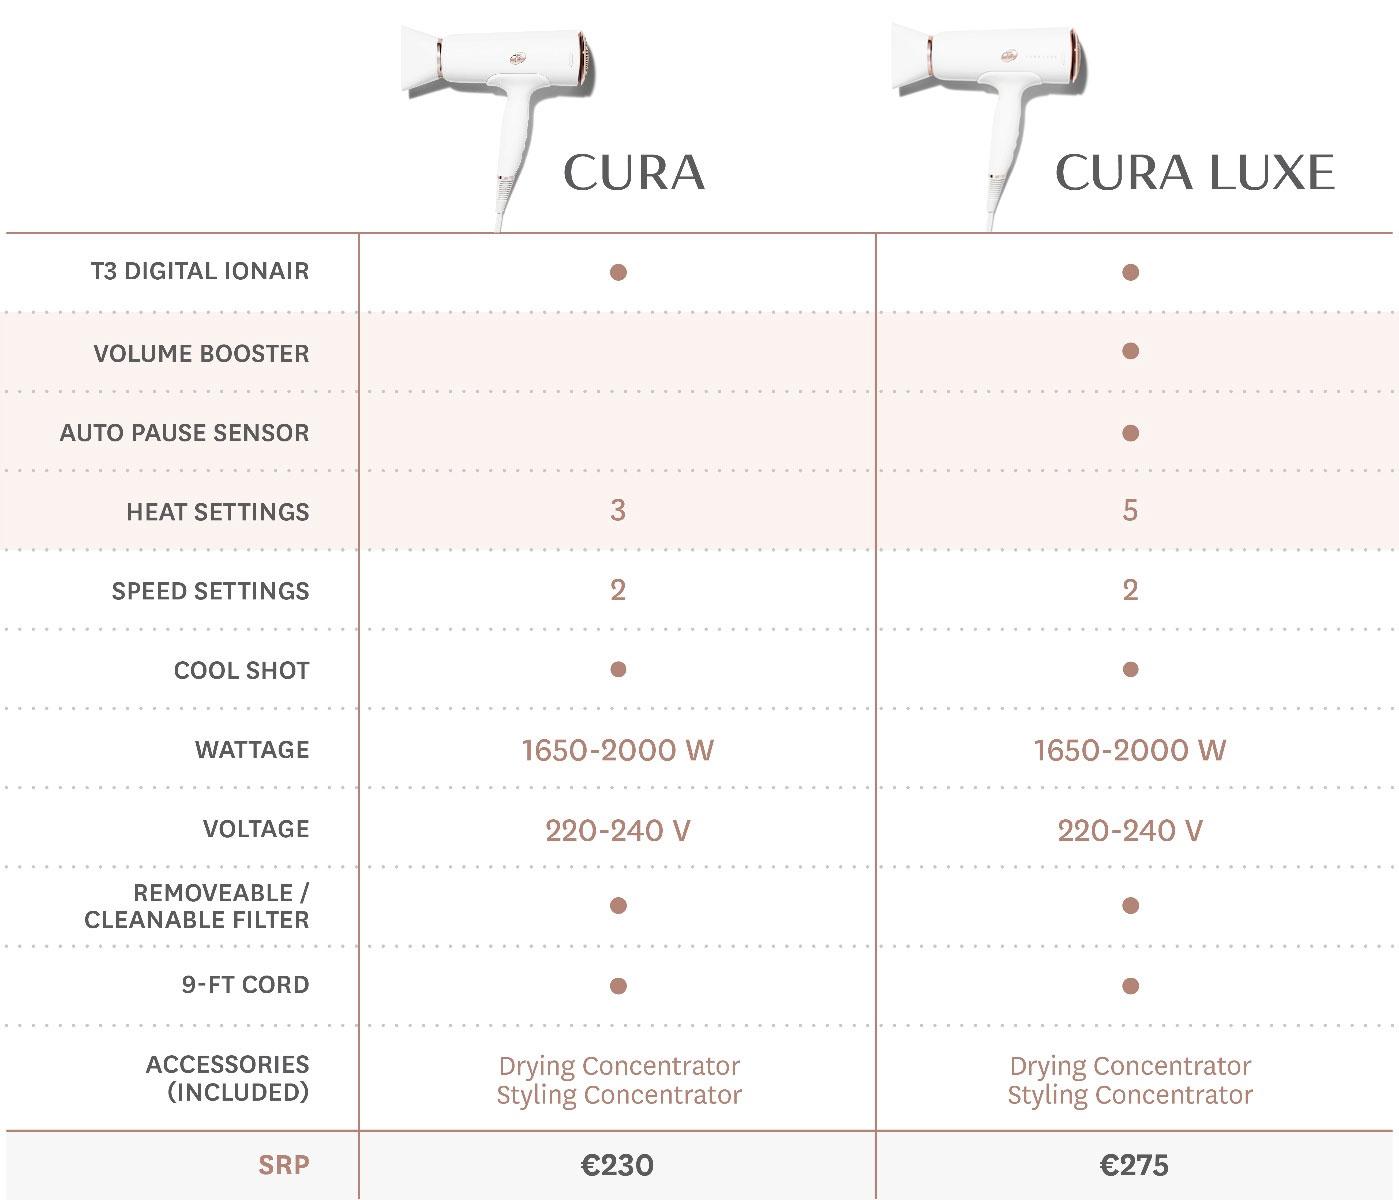 T3 Cura Comparison Table